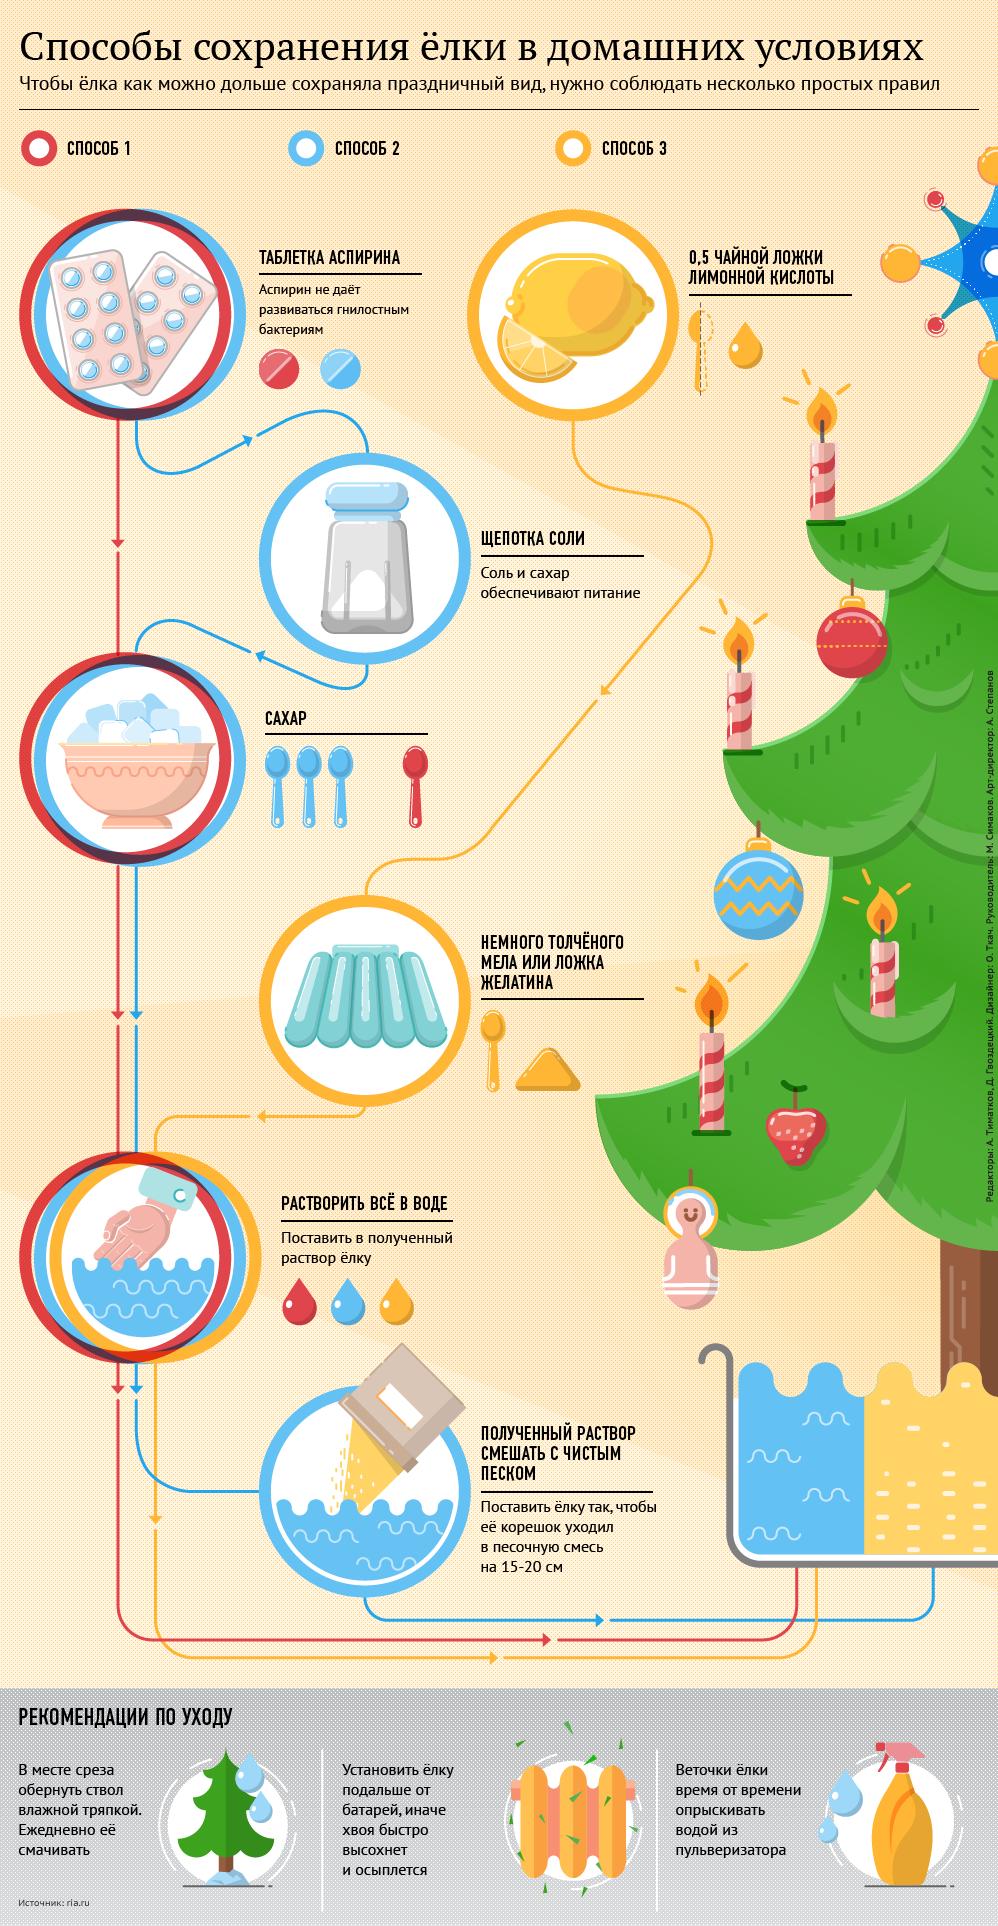 Способы сохранения новогодней елки в домашних условиях. Инфографика